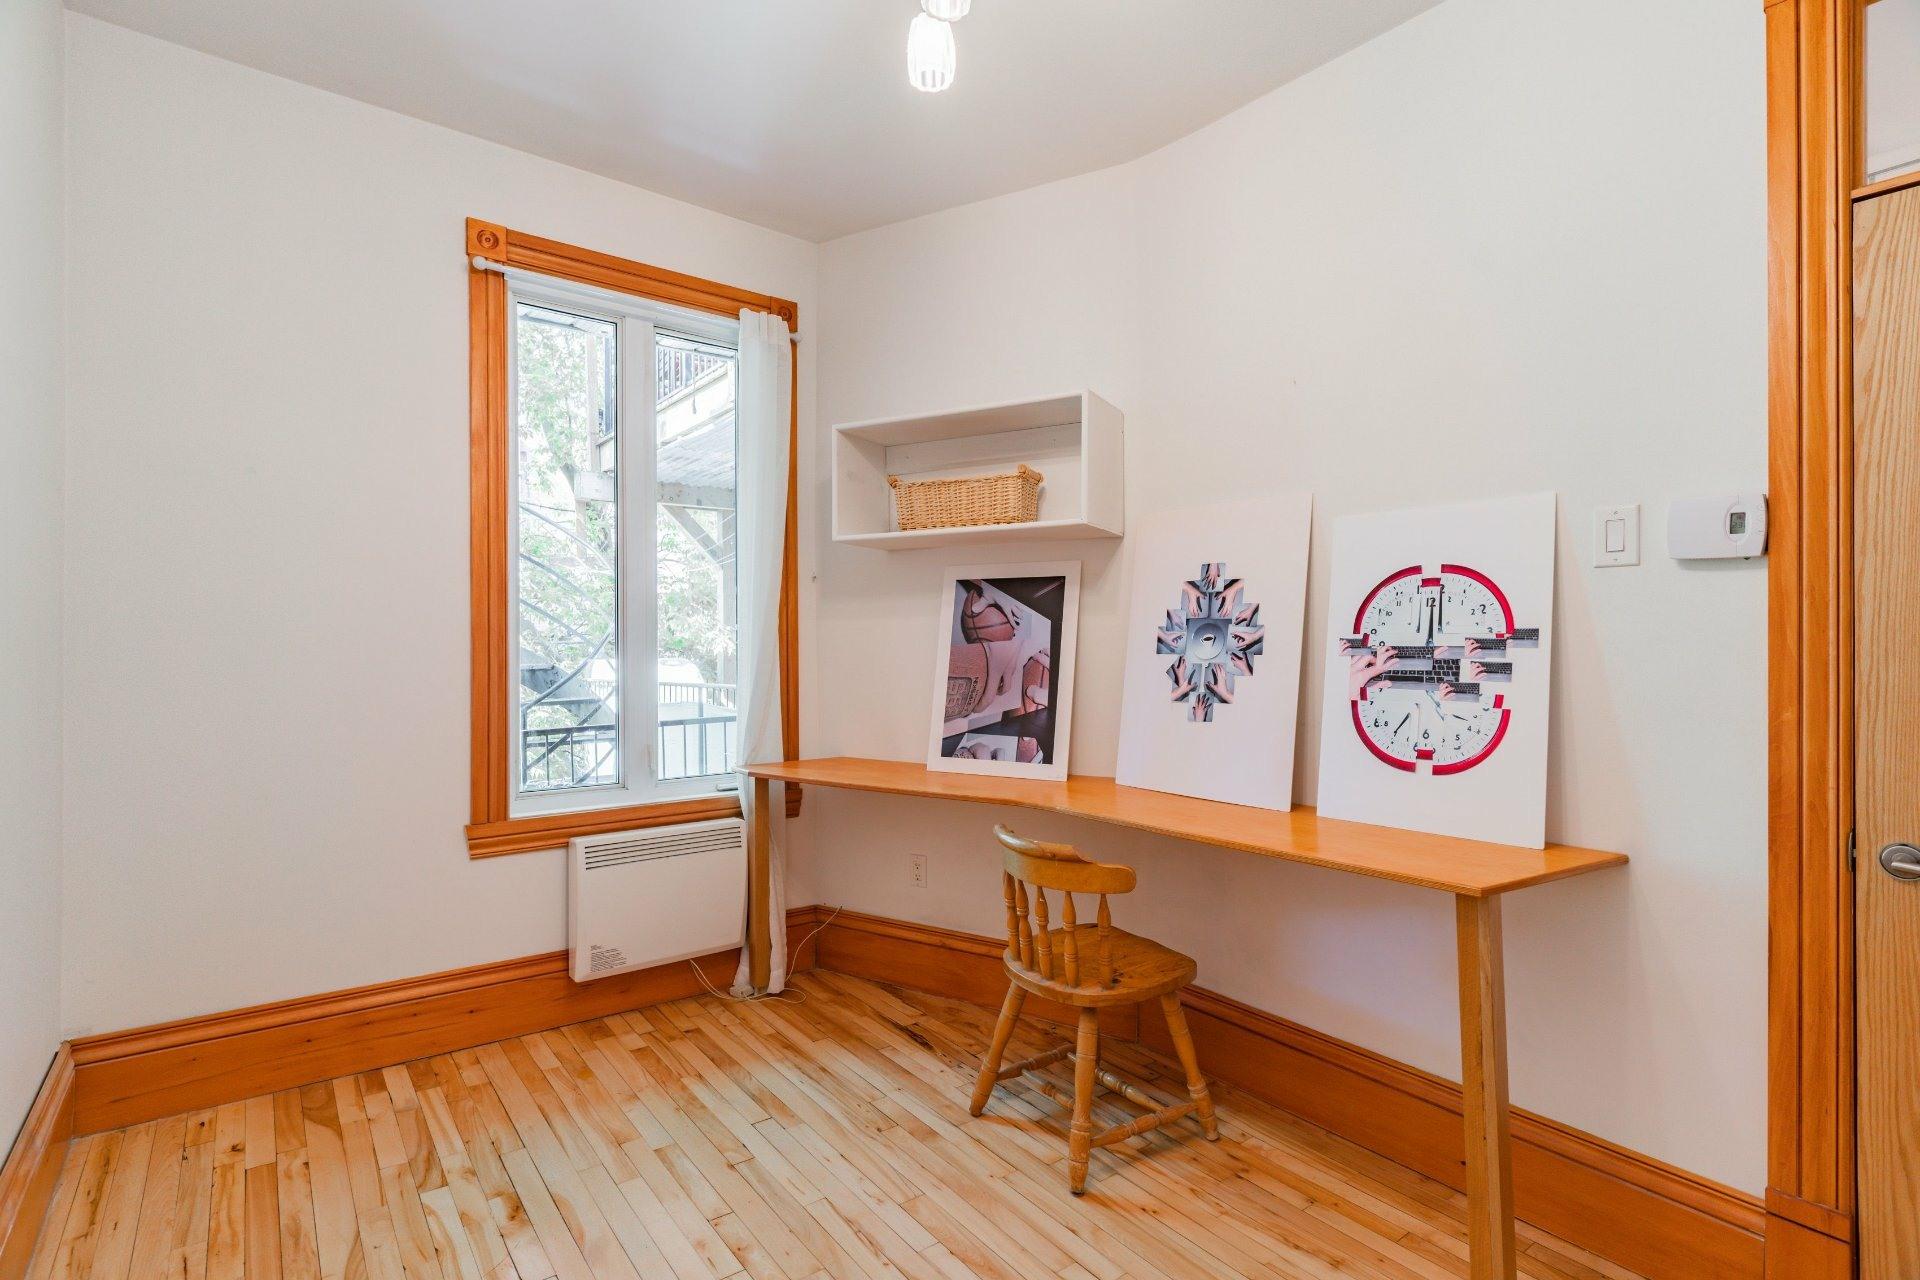 image 8 - Appartement À vendre Verdun/Île-des-Soeurs Montréal  - 4 pièces